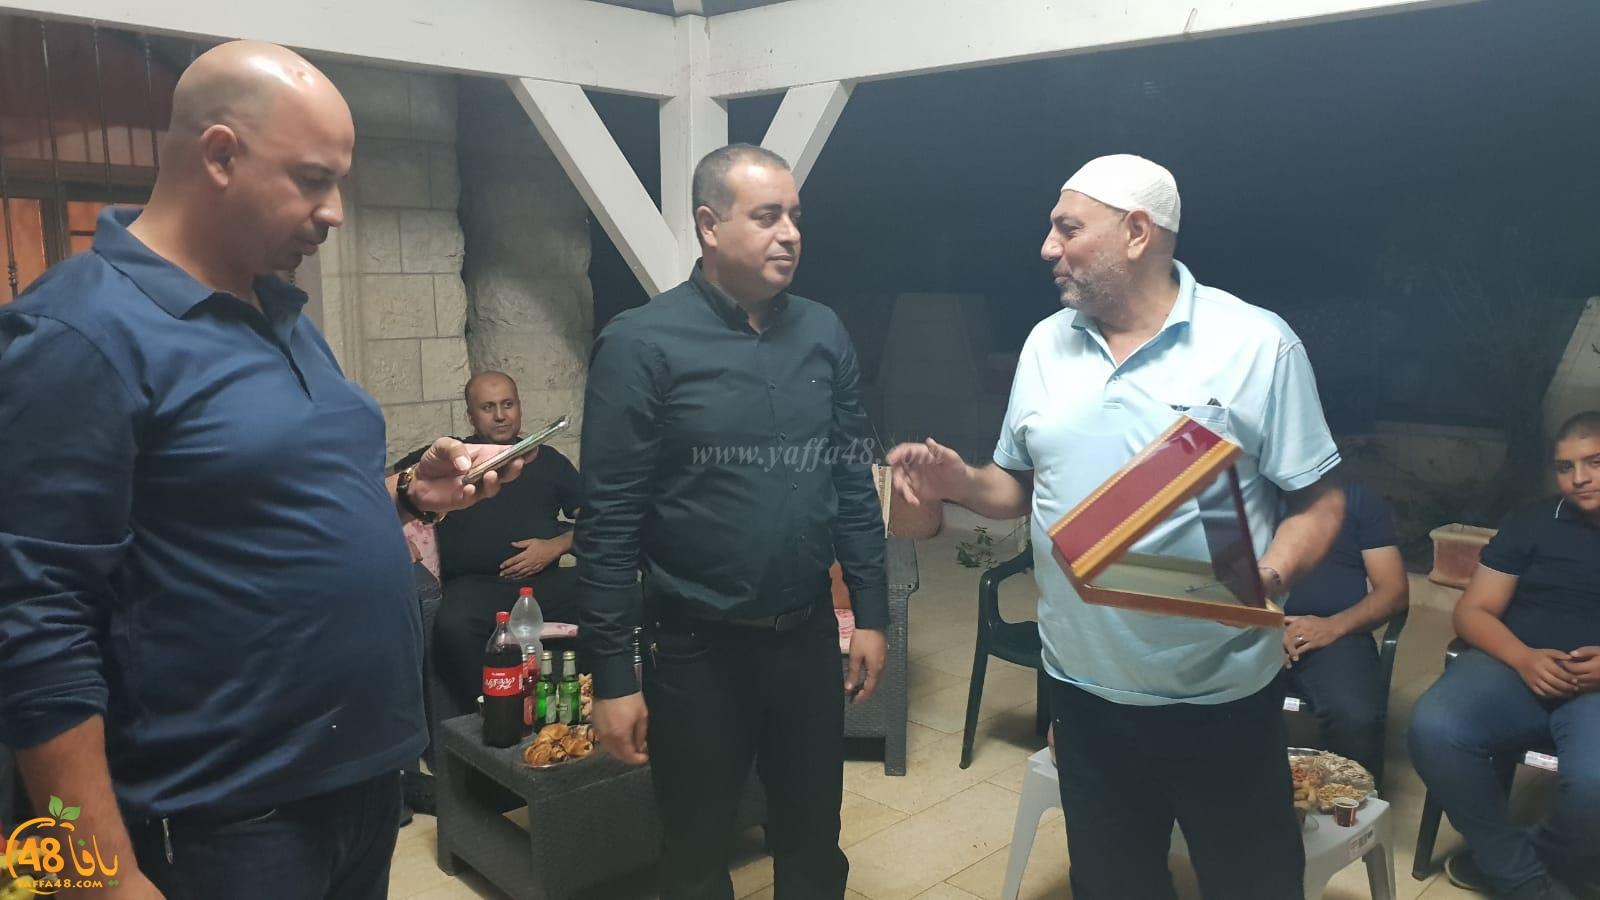 بالصور: قائمة النداء العربي اللداوية تُهنئ المهندس جمال ابو صيام بدخول المجلس البلدي